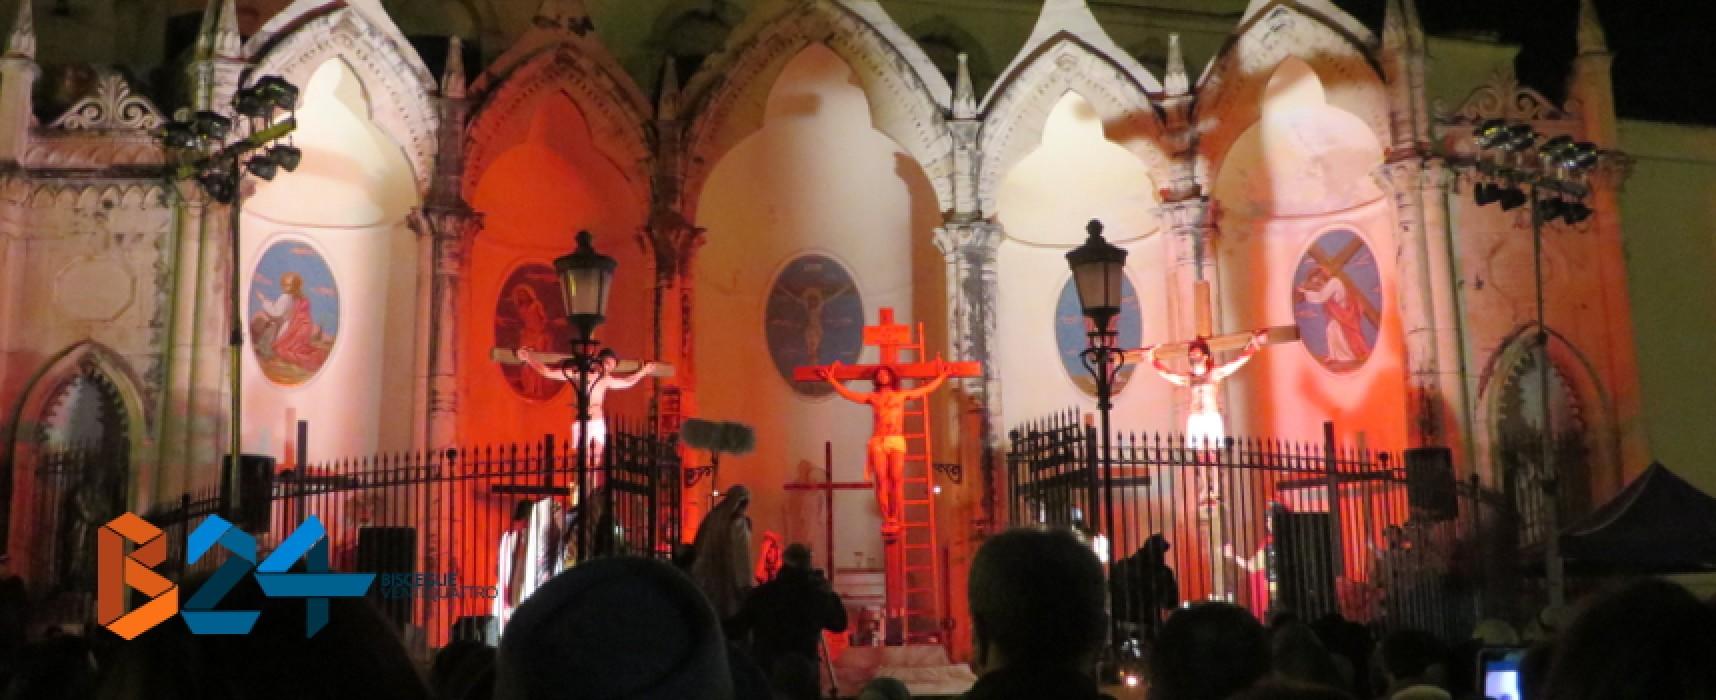 Passio Christi, Angelo Preziosa e Alessandro Valente raccontano la settima edizione